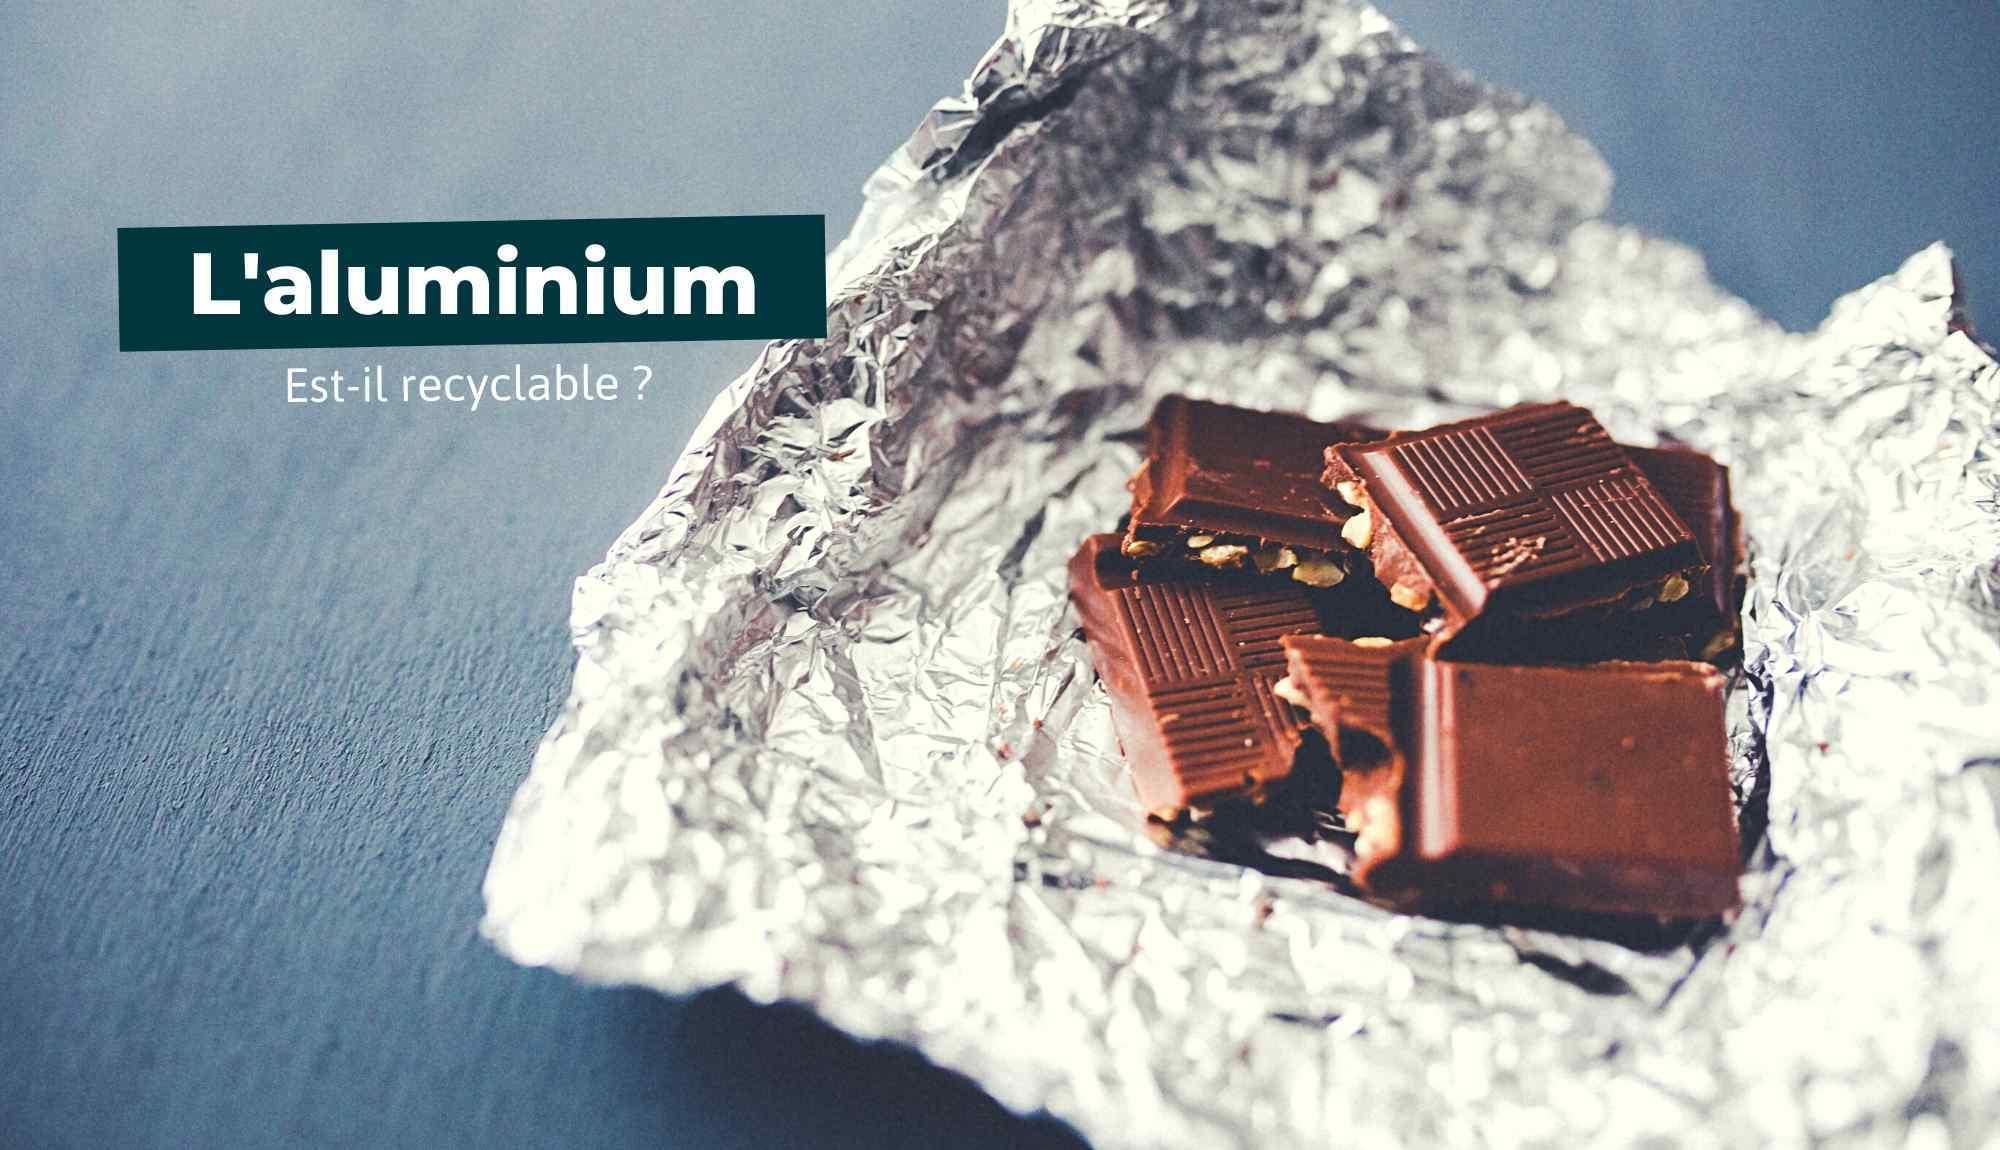 L'aluminium est-il recyclable ?